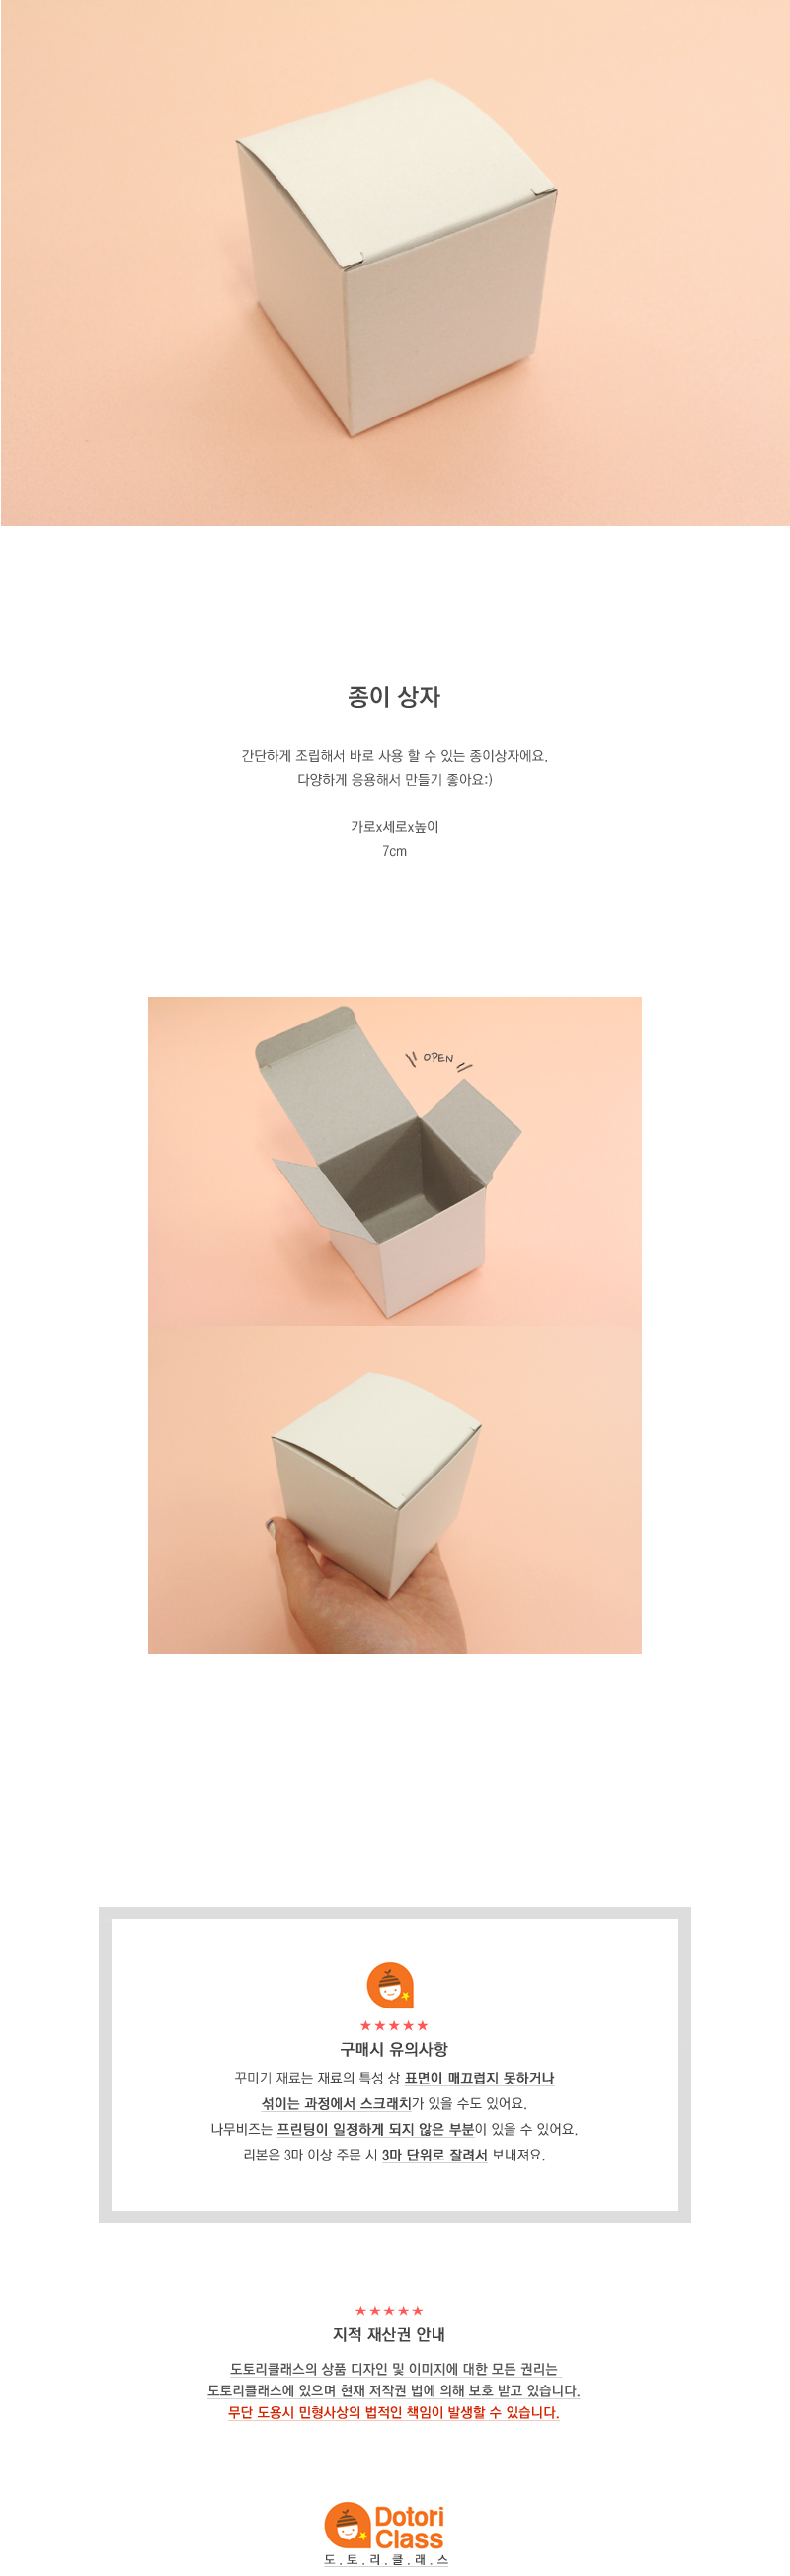 종이상자20p - 도토리클래스, 6,000원, 미술놀이, 미술교구